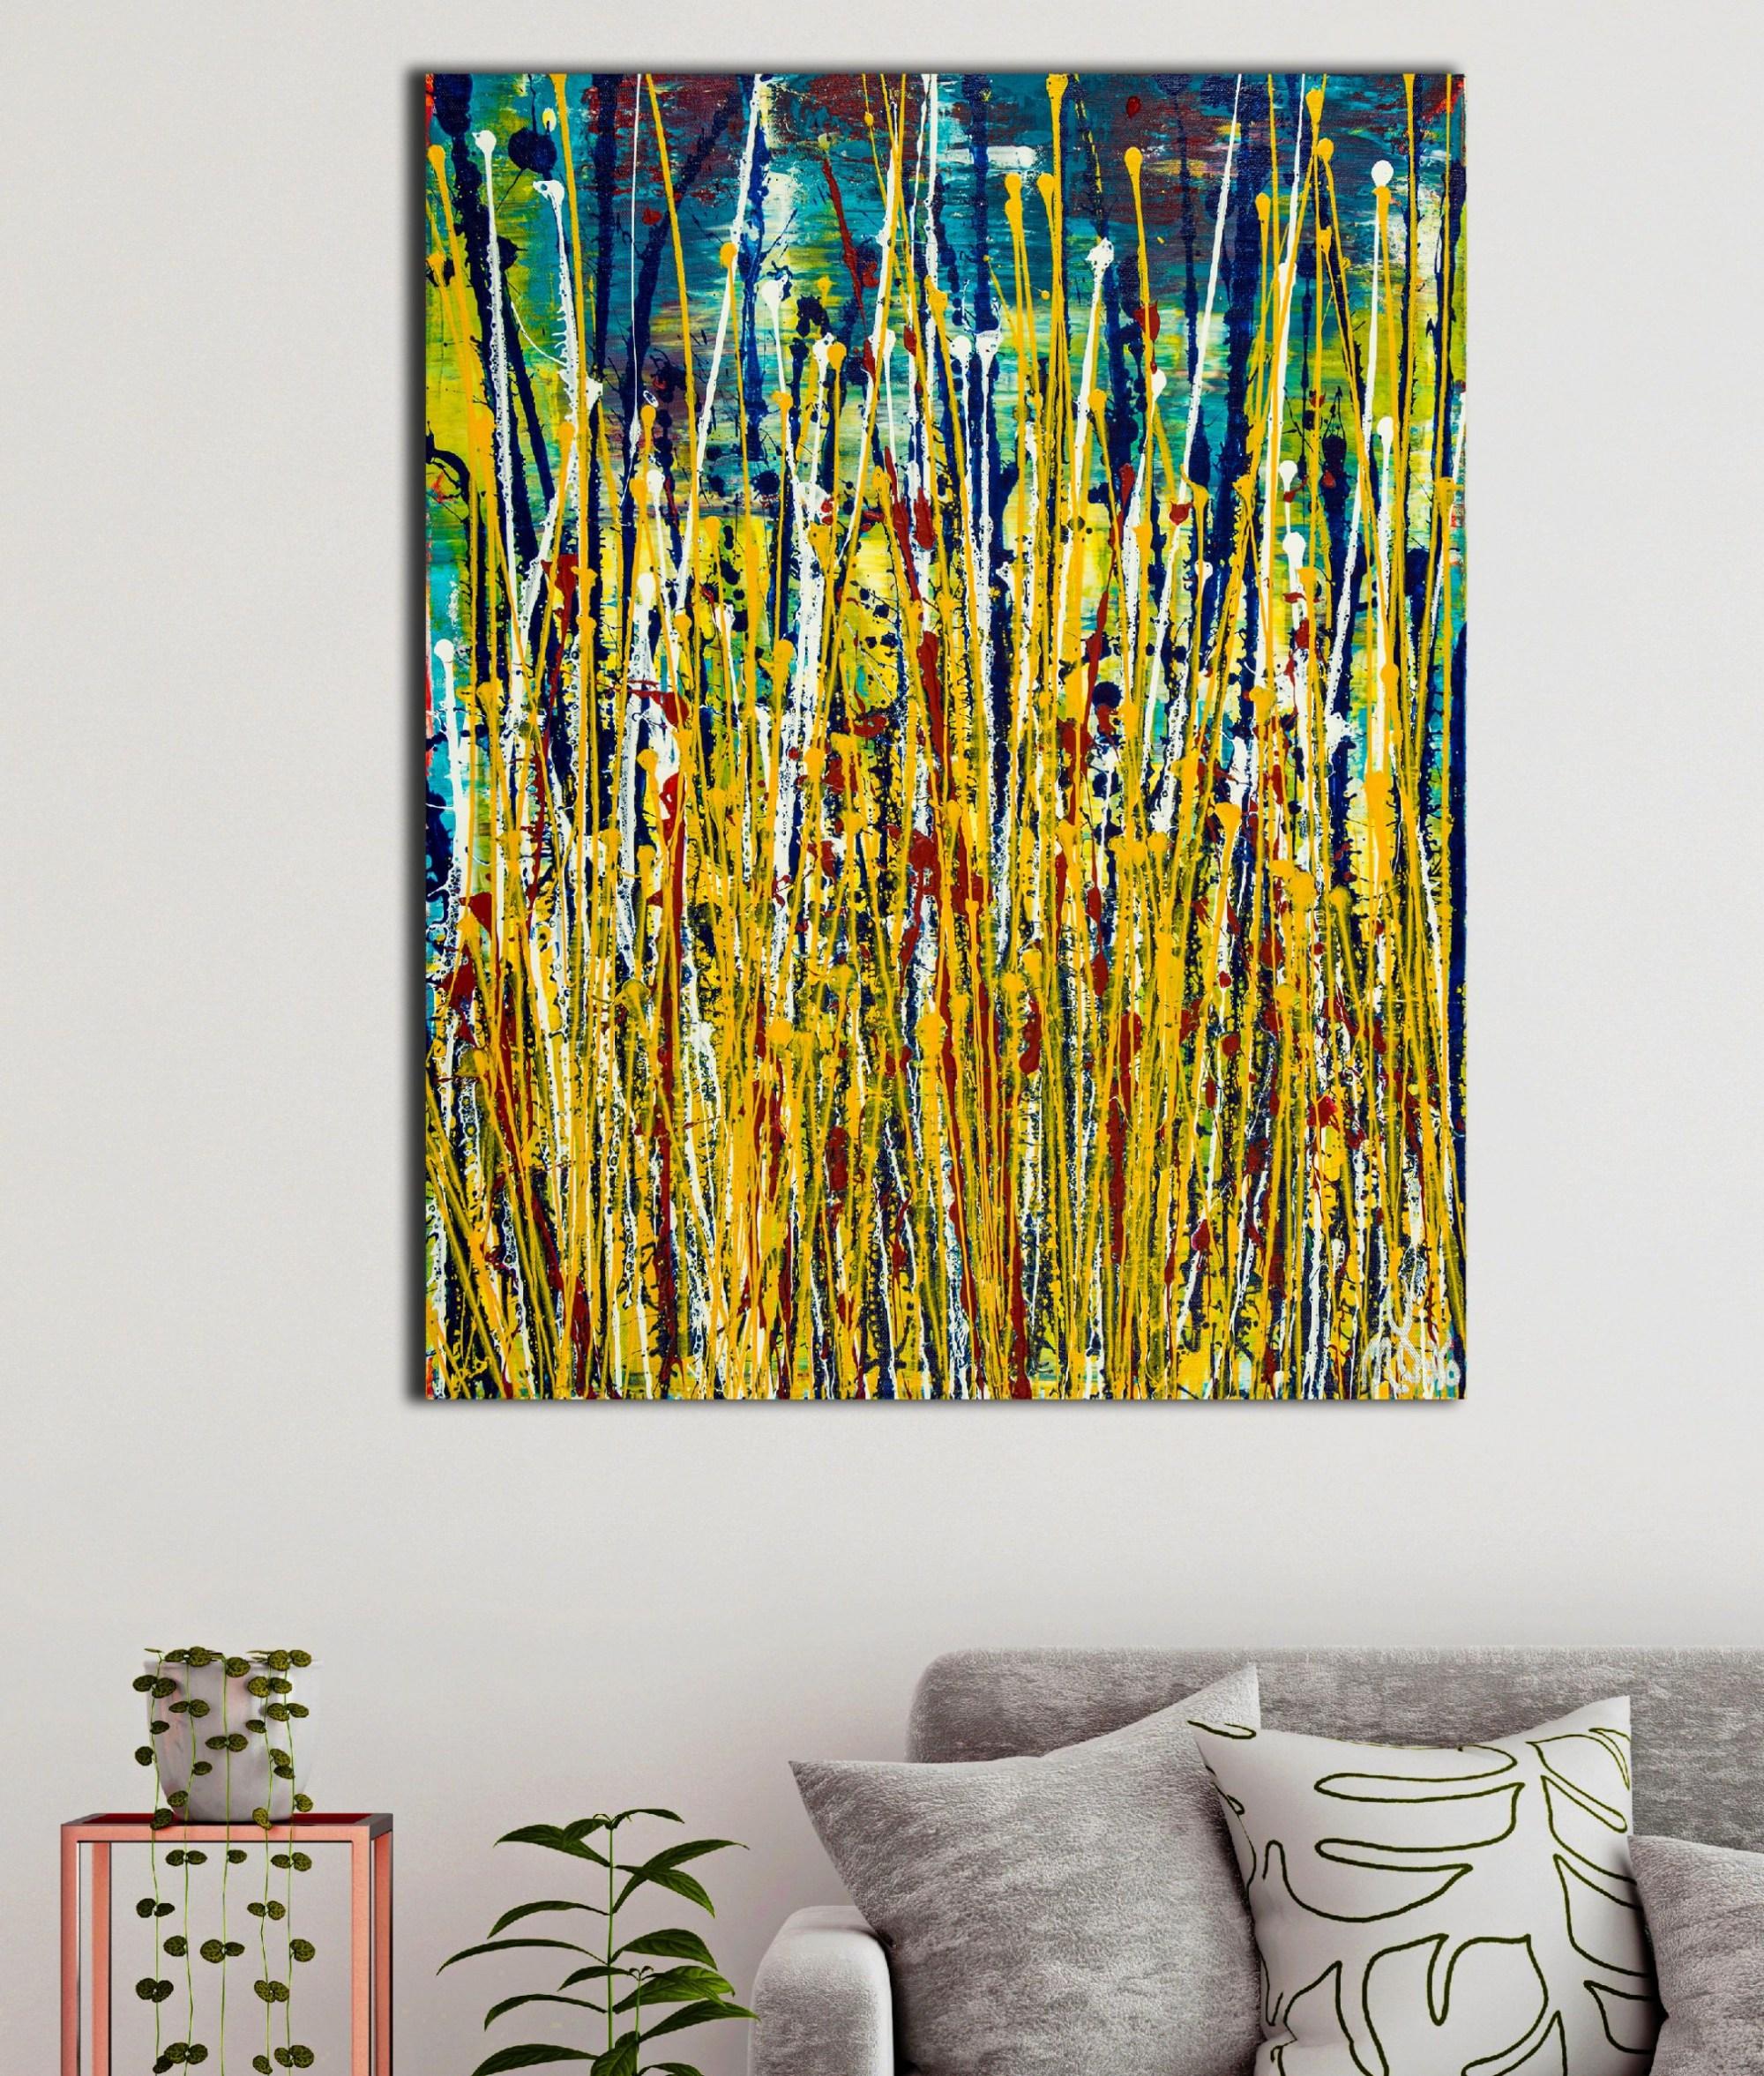 SOLD - Daydream Panorama (Natures Imagery) 19 (2020) by Nestor Toro